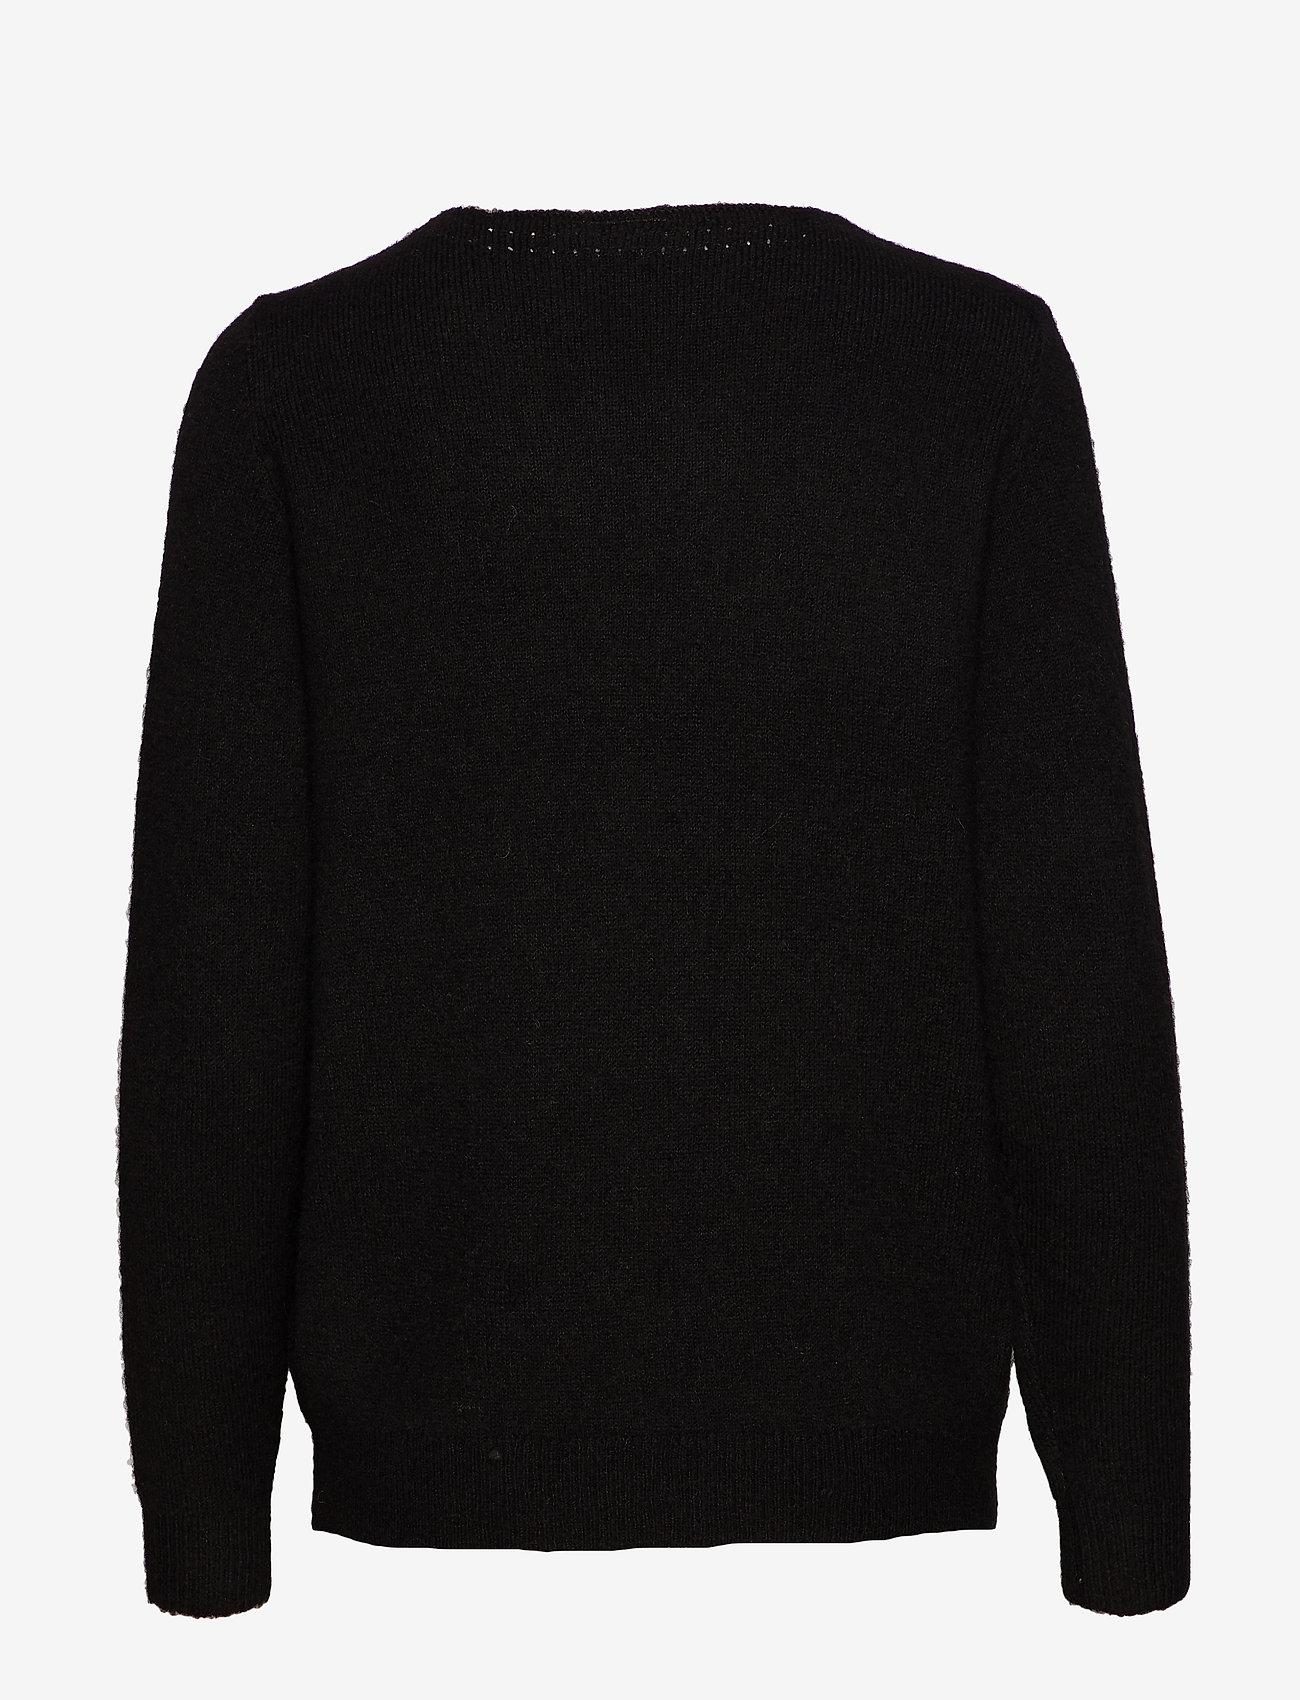 Fransa Fremally 4 Pullover - Knitwear